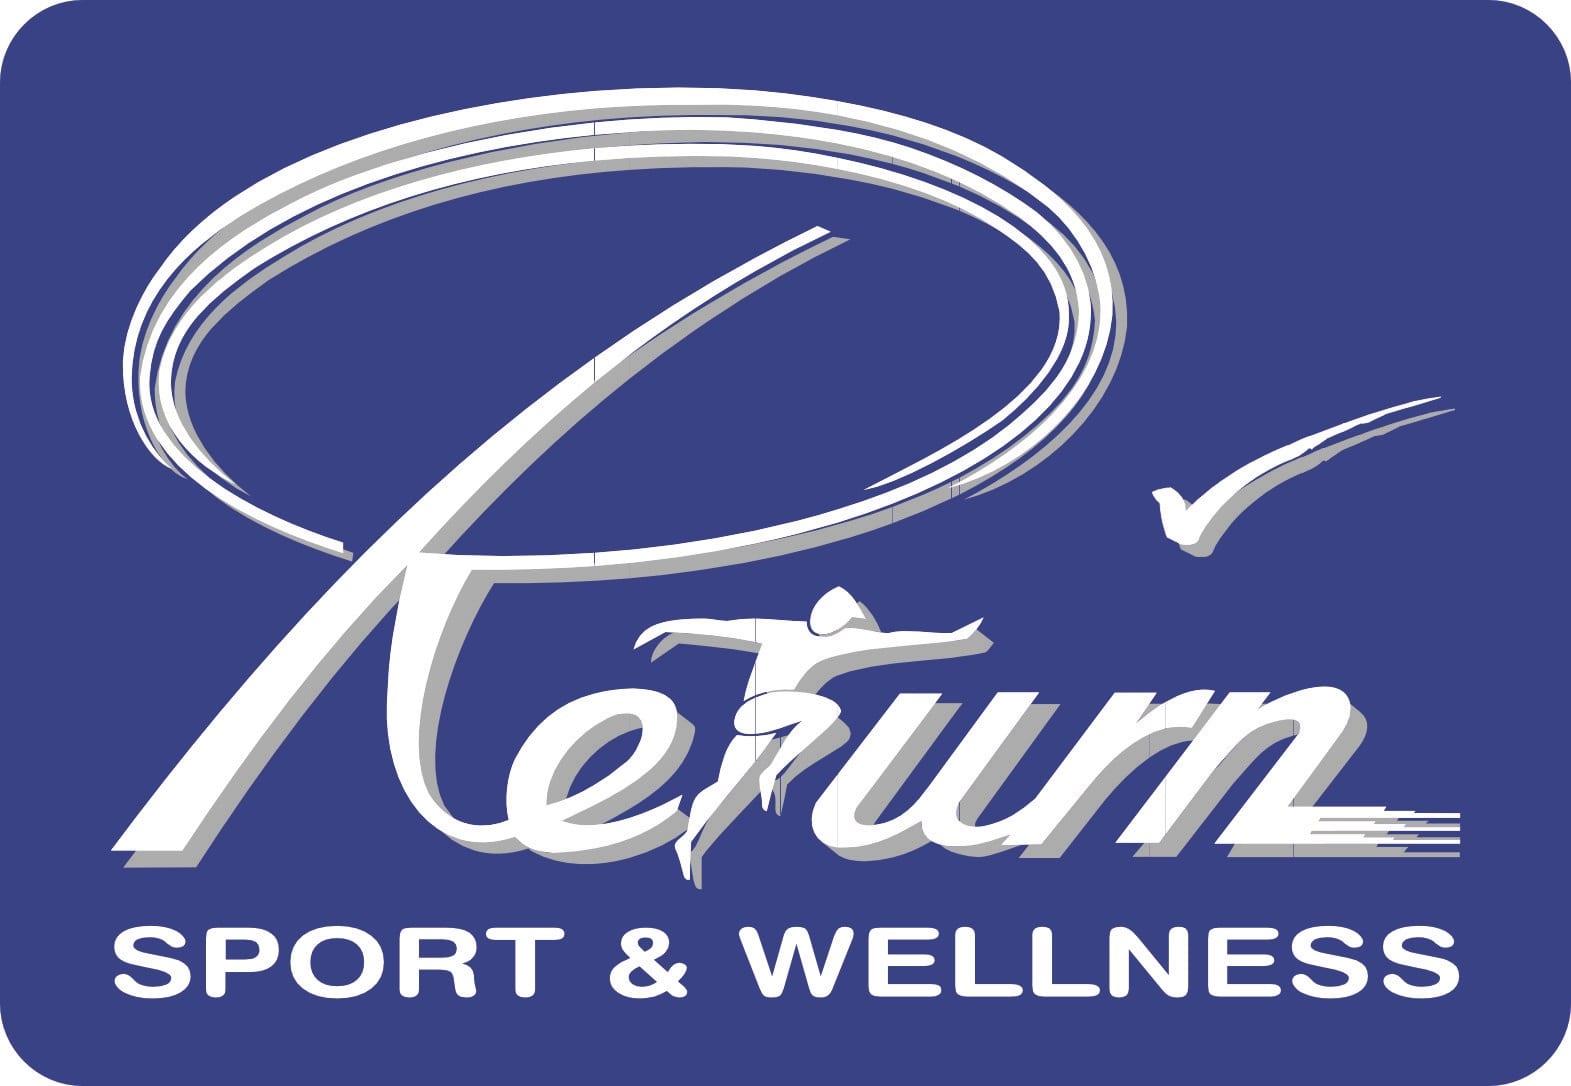 RETURN Freizeit GmbH